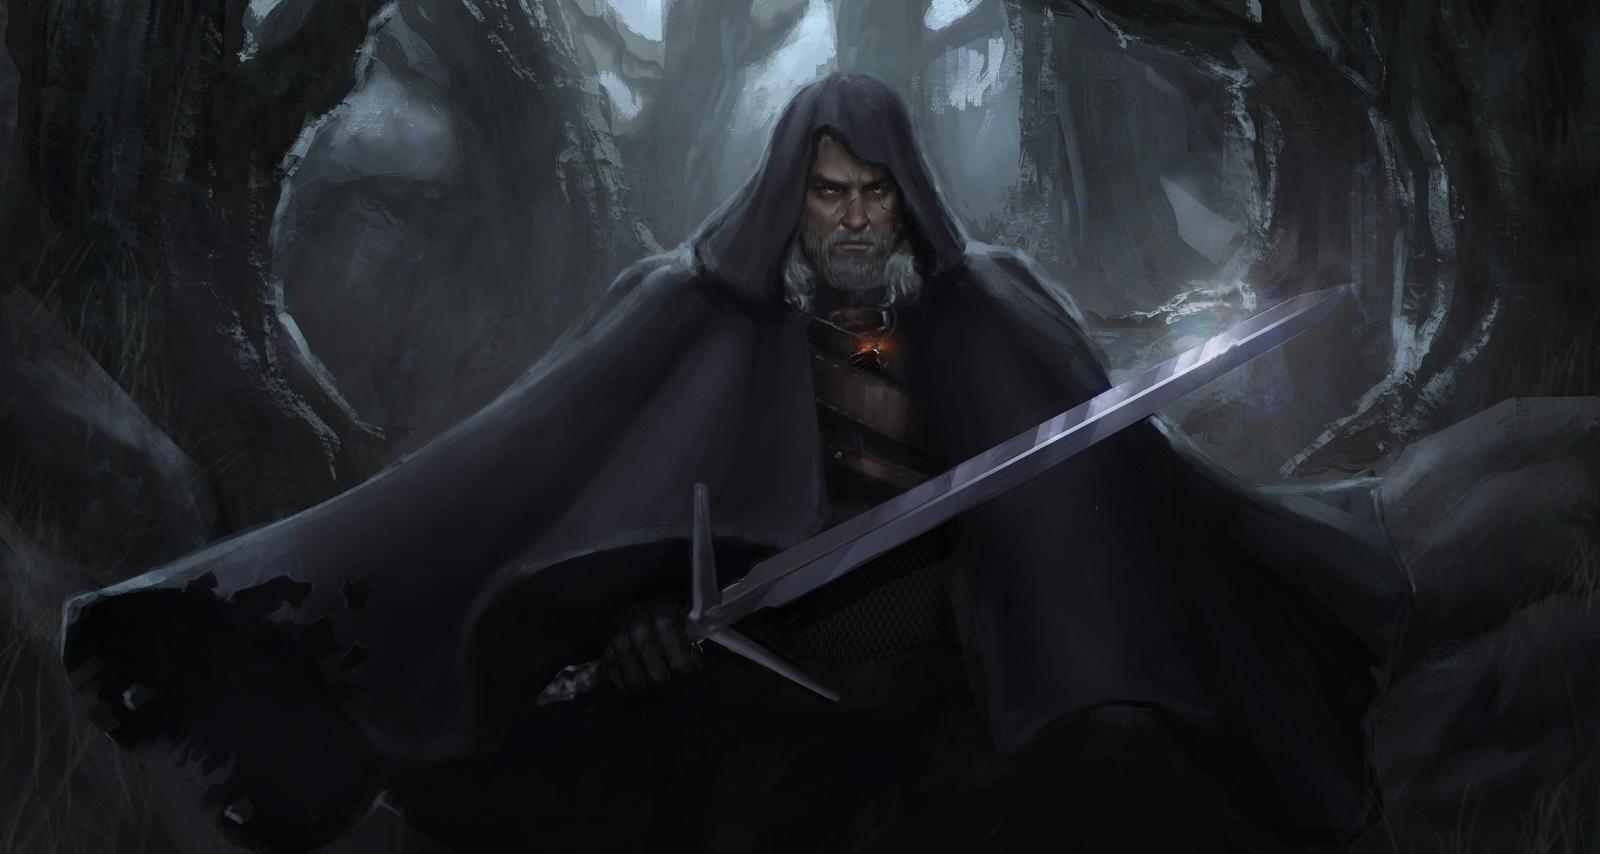 The Witcher 3: Wild Hunt Fan Art by korale